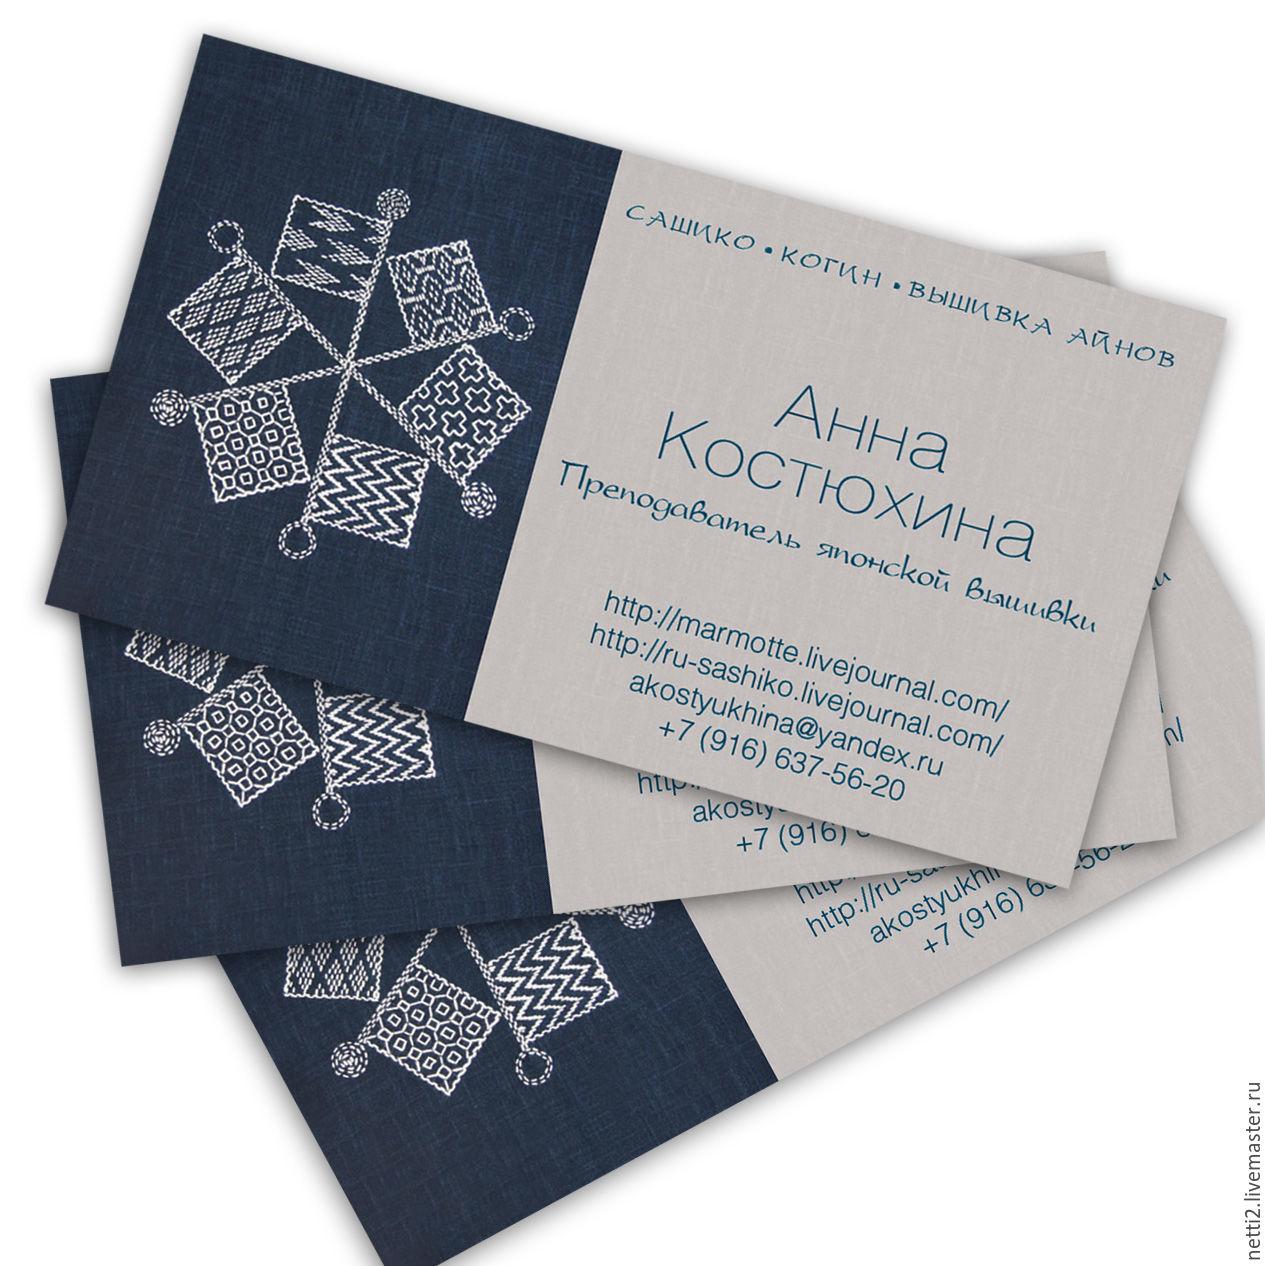 Визитка для мастера вышивки сашико. Дизайн визитки, Визитки, Москва,  Фото №1